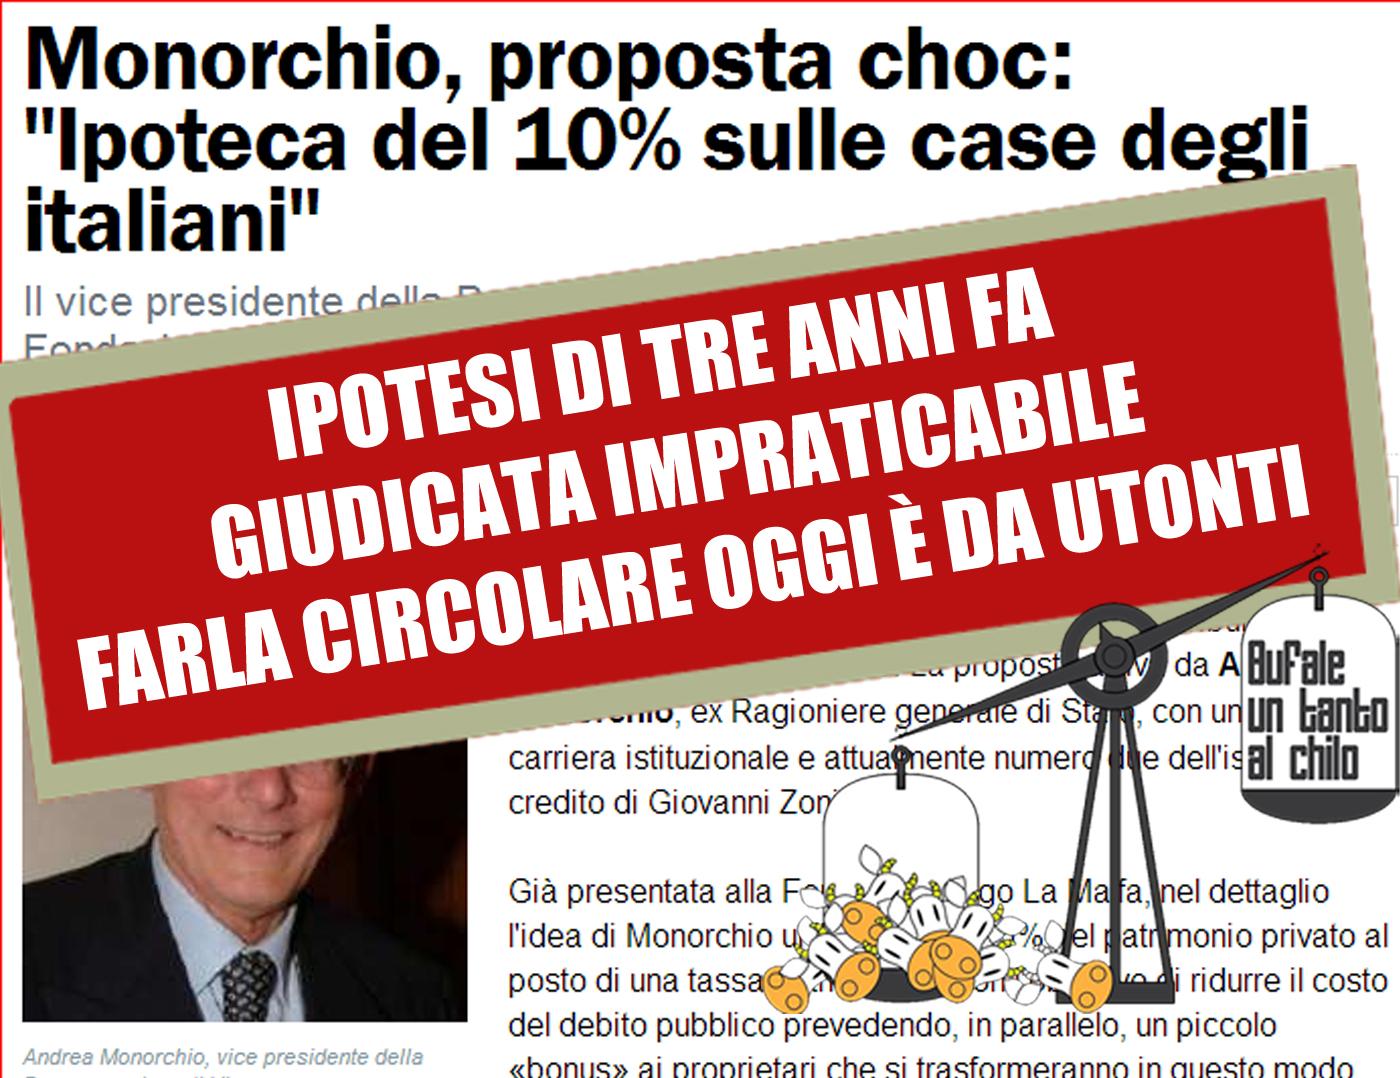 IPOTECA-MONORCHIO